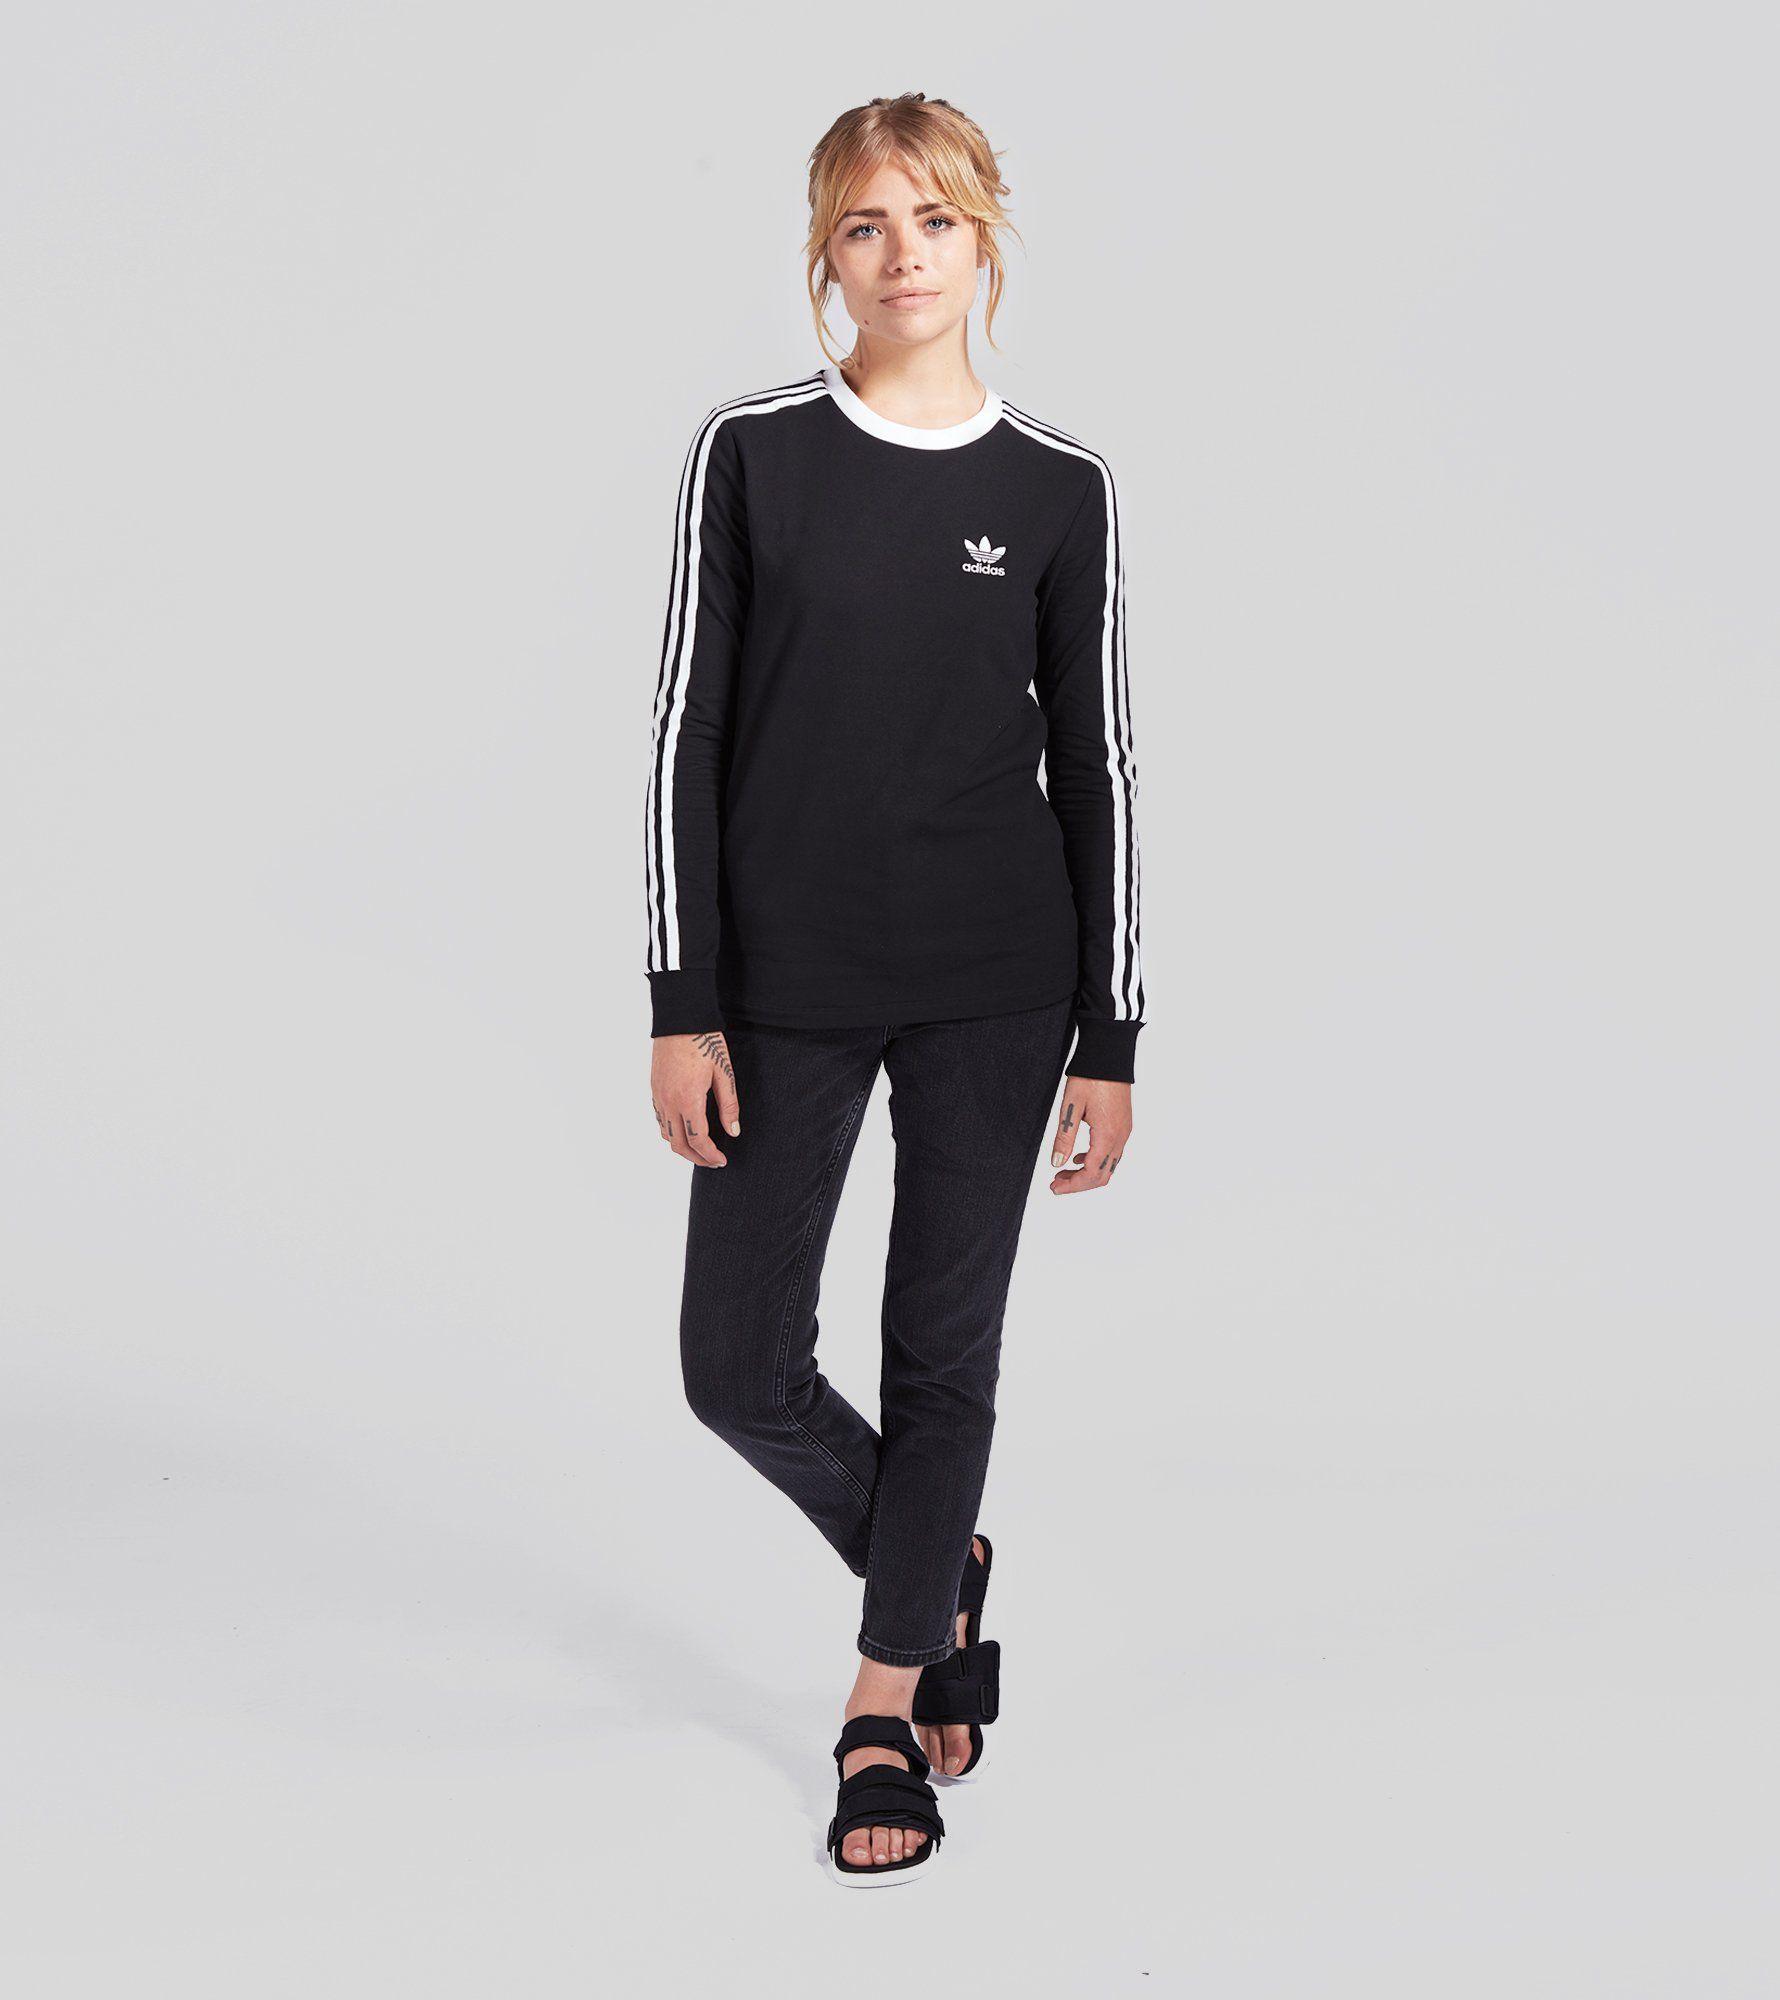 9e441cd1b44b Adidas Originals Black Three Stripe Long Sleeve T Shirt Womens